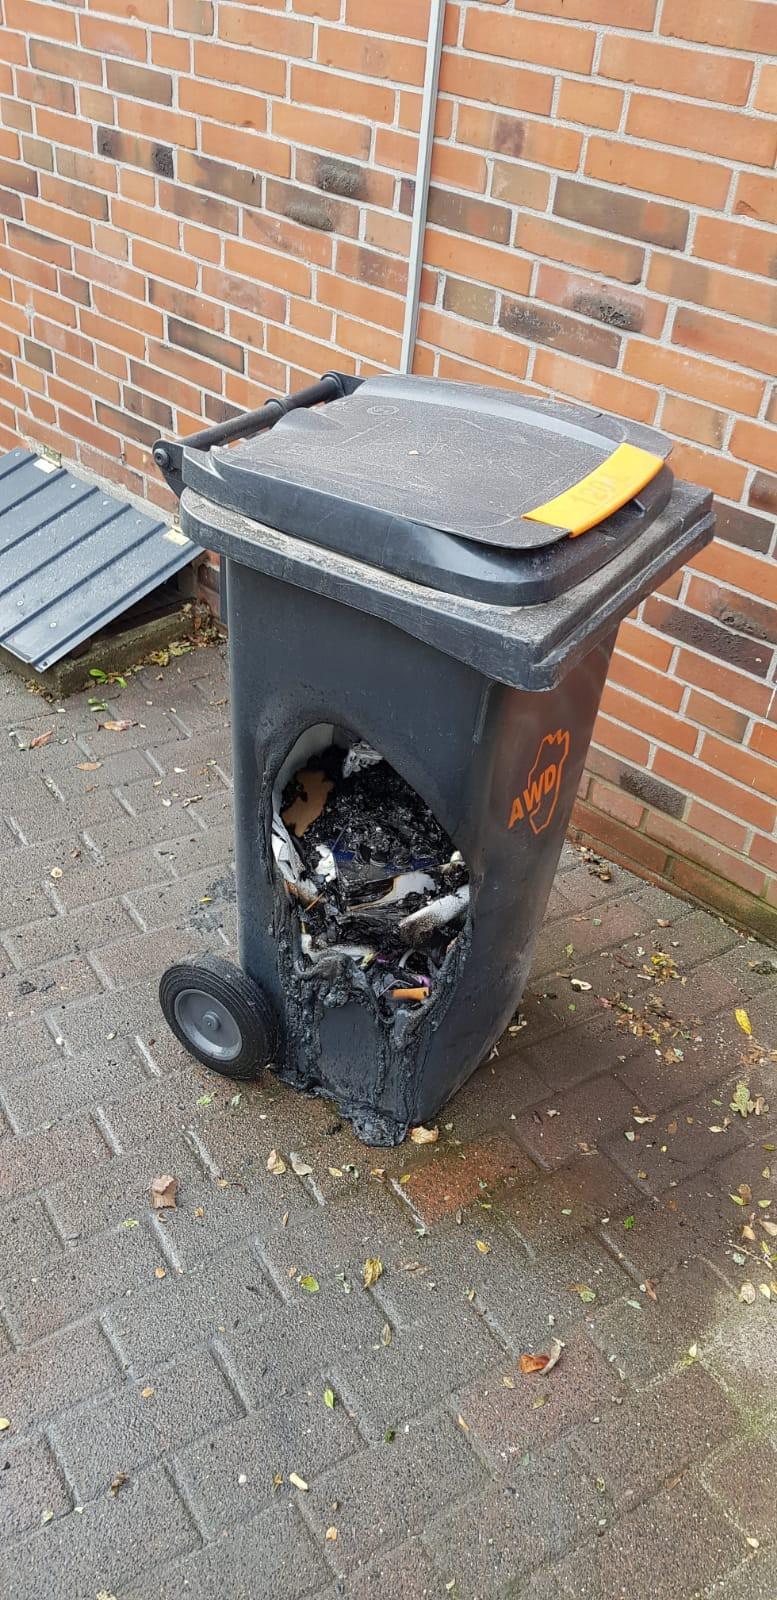 Bei dem Fail hat jemand heiße Holzkohle in die Mülltonne geworfen.